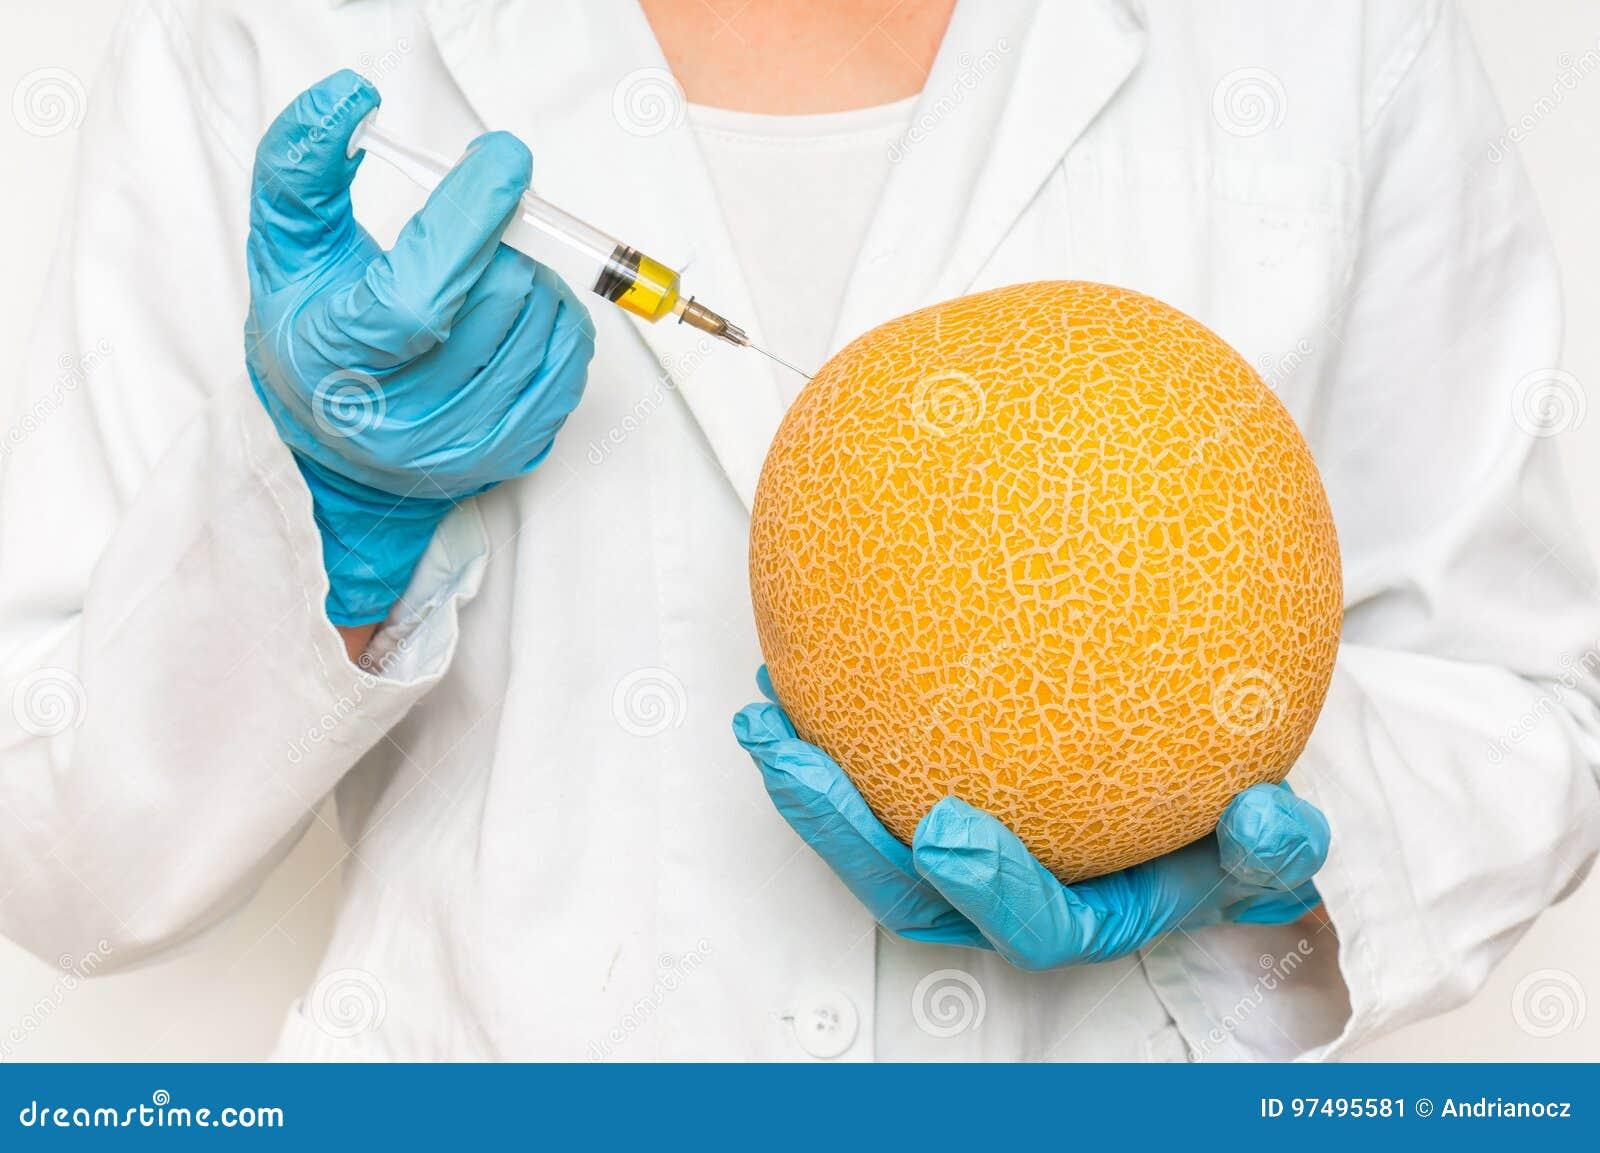 Scienziato OMG che inietta liquido dalla siringa nel melone giallo